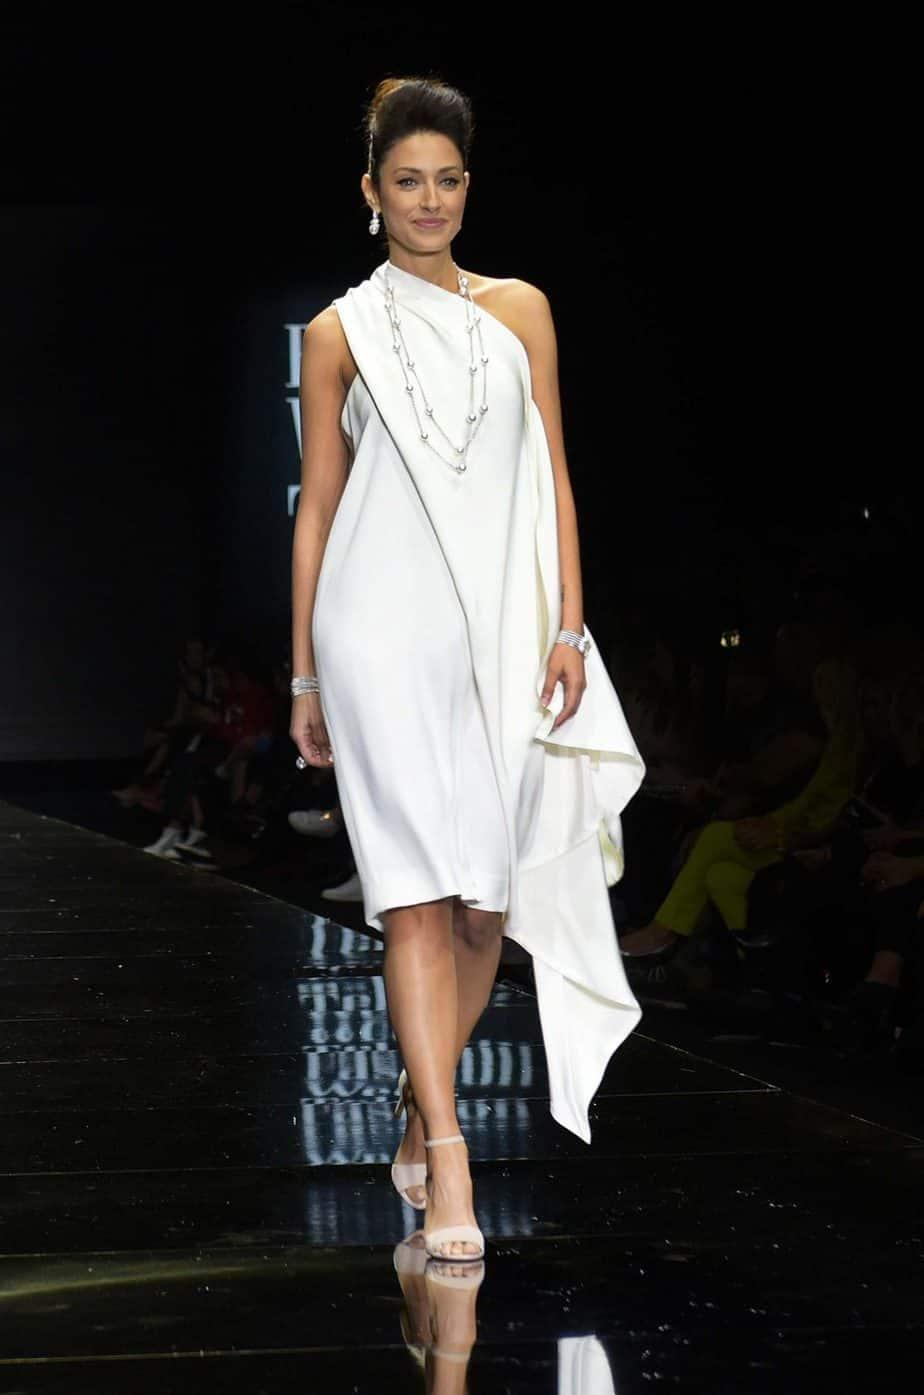 שירלי בוגנים. רוח נשית. שבוע האופנה תל אביב 2019. צילום סרג'ו סטרודובצב - 5